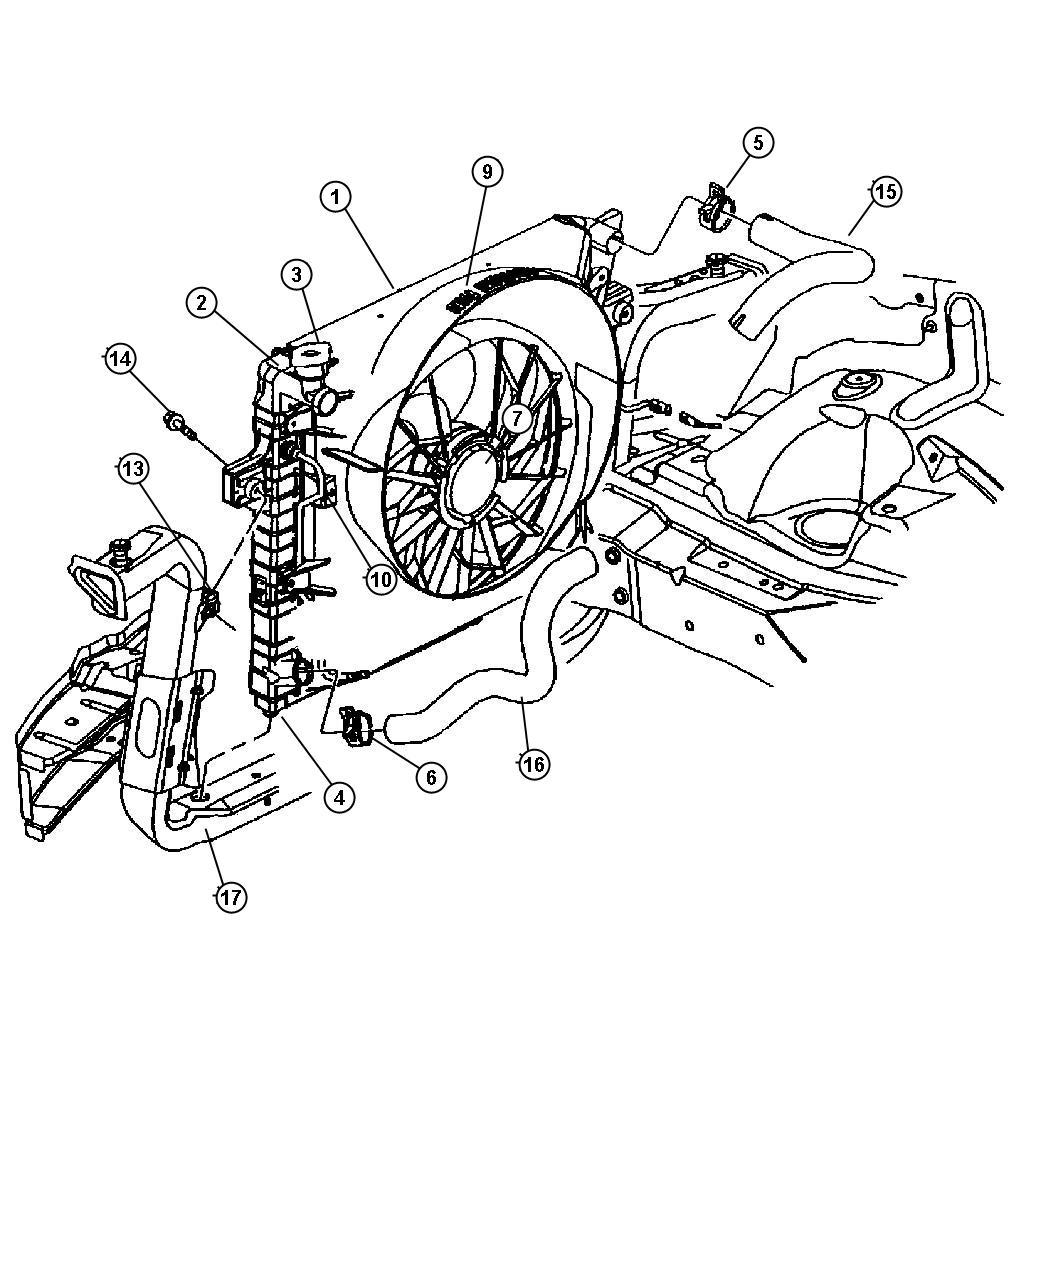 tags: #navistar vt engine#how a turbocharger works diagram#navistar vt 365  engine#under the hood car diagram#navistar wiring diagrams#dt466 engine  parts